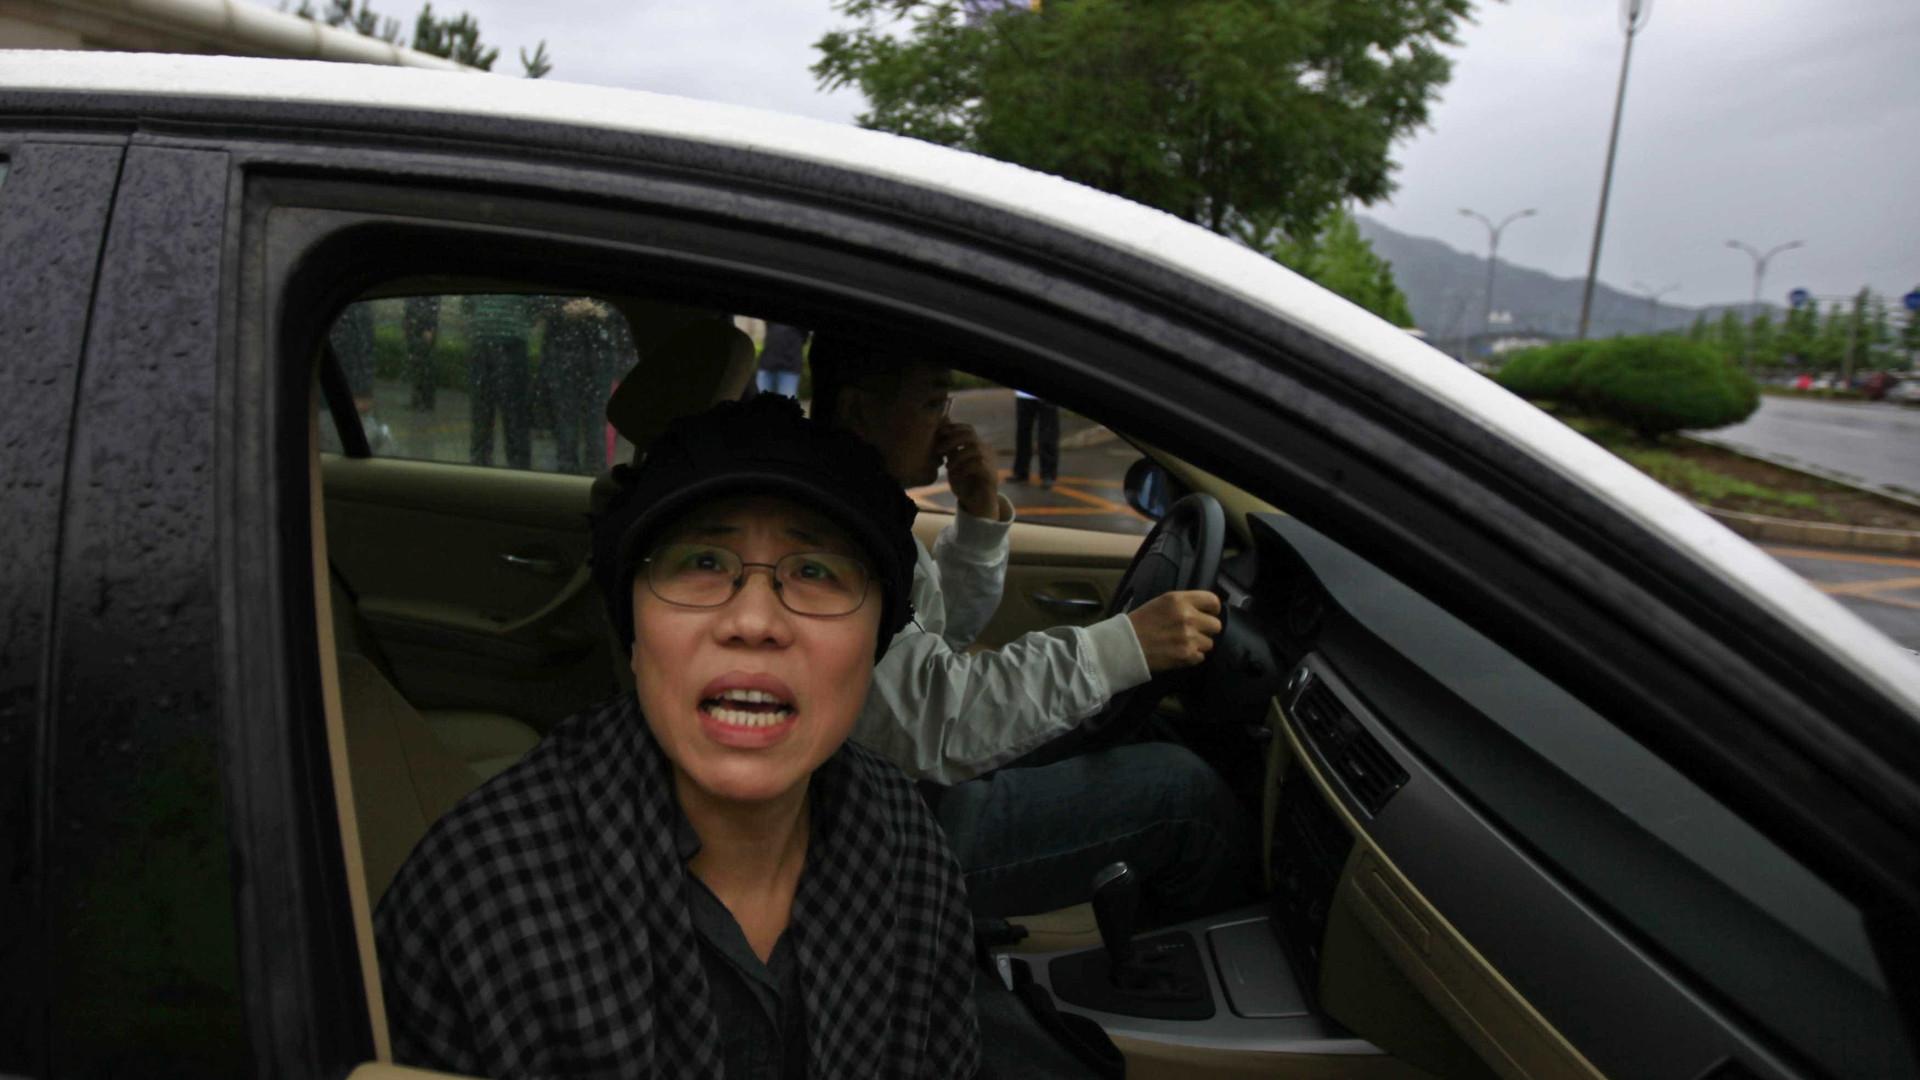 Intelectuais apelam à libertação da viúva do dissidente chinês Liu Xiaobo